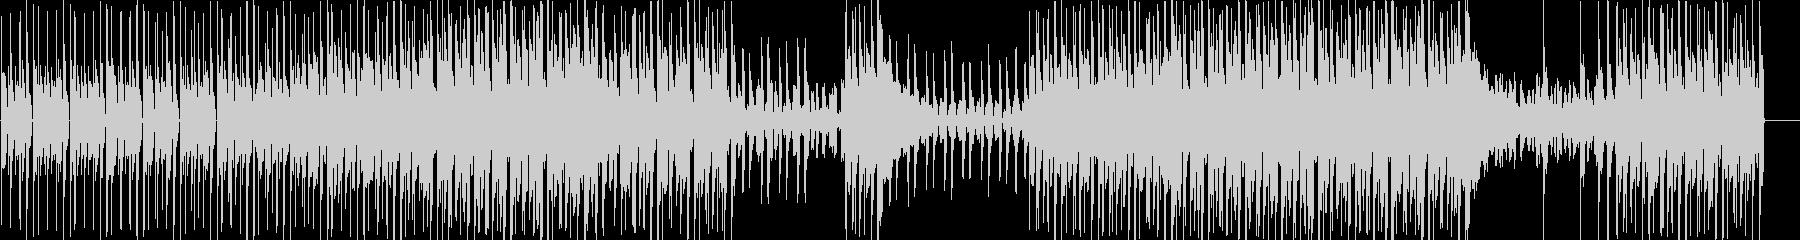 ダークでかっこいいエレクトロの未再生の波形